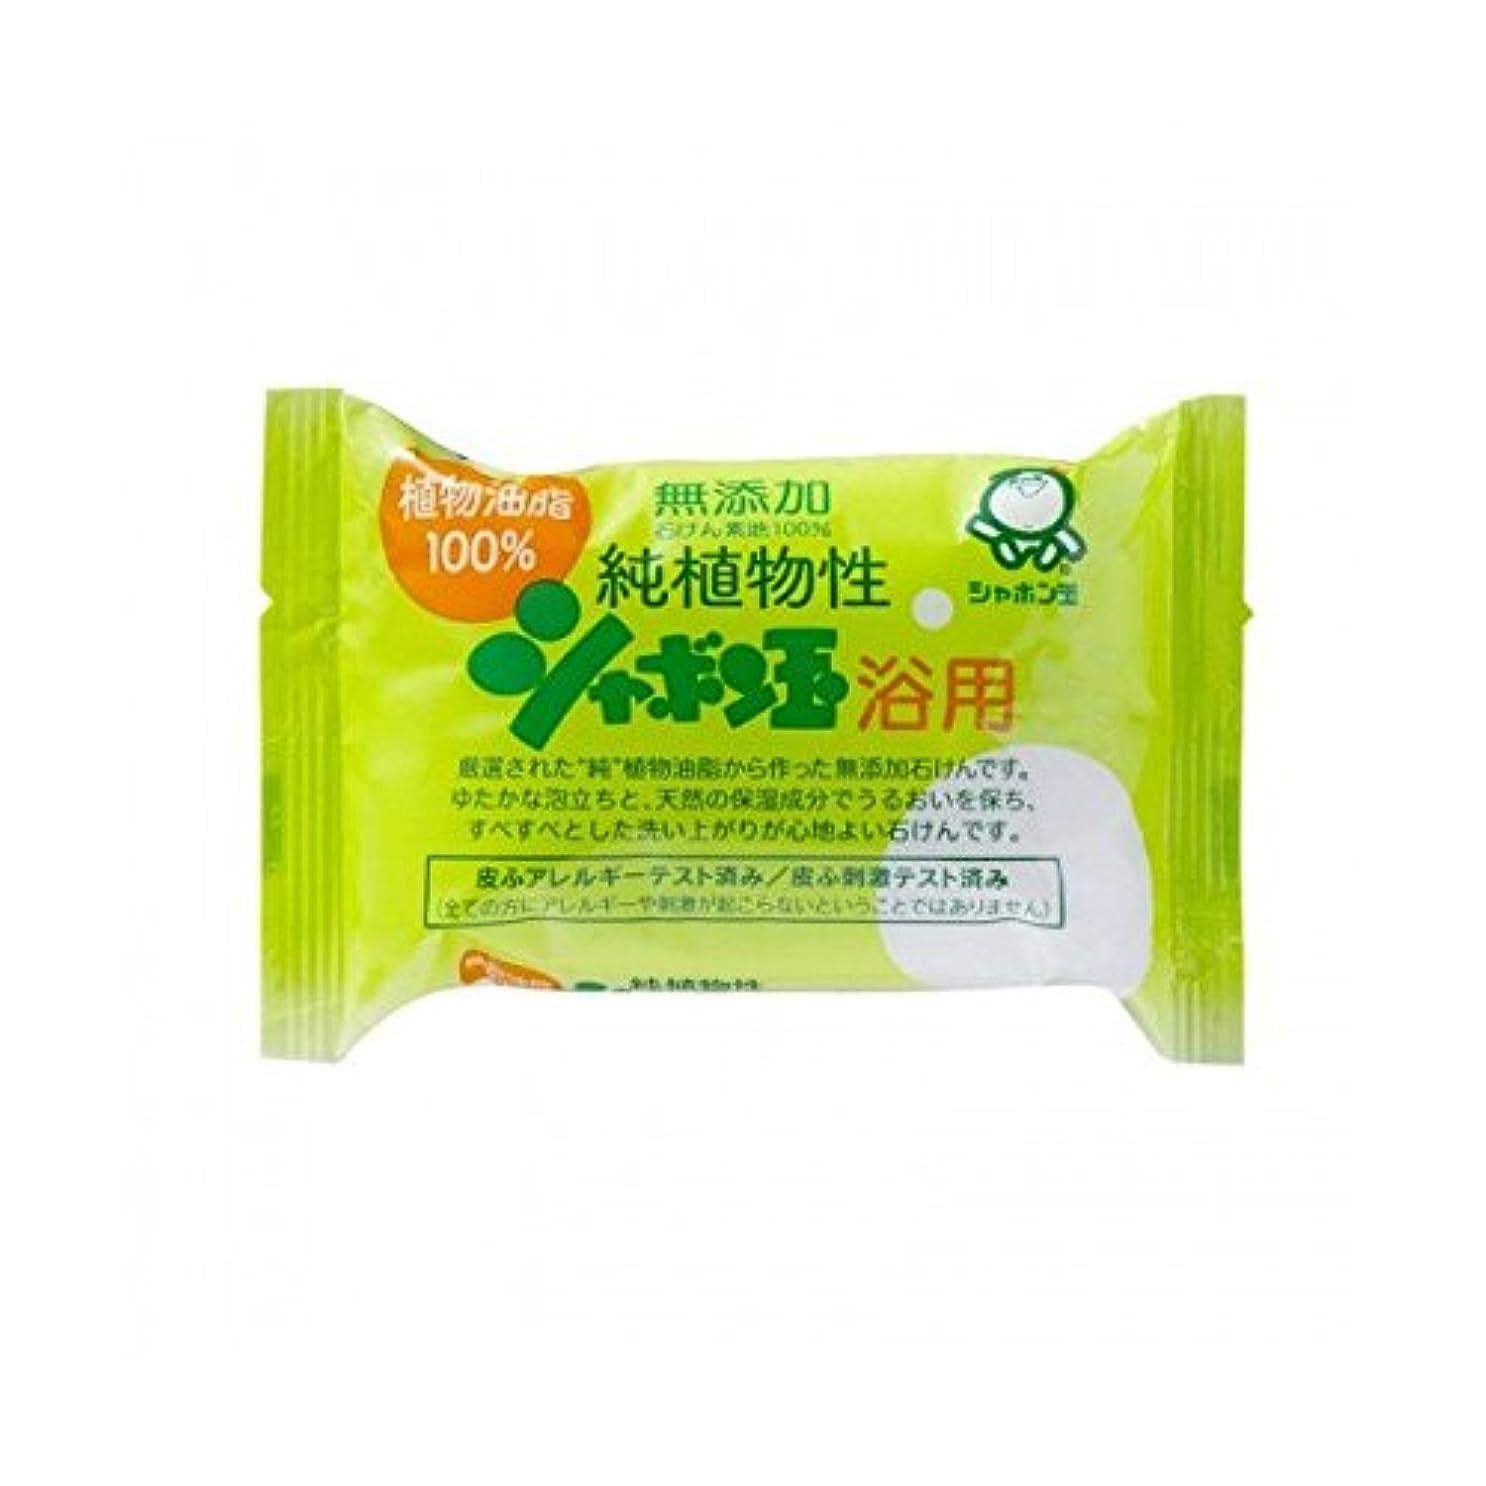 兄科学。シャボン玉石けん シャボン玉 純植物性 浴用 100g(無添加石鹸)×120点セット (4901797003013)